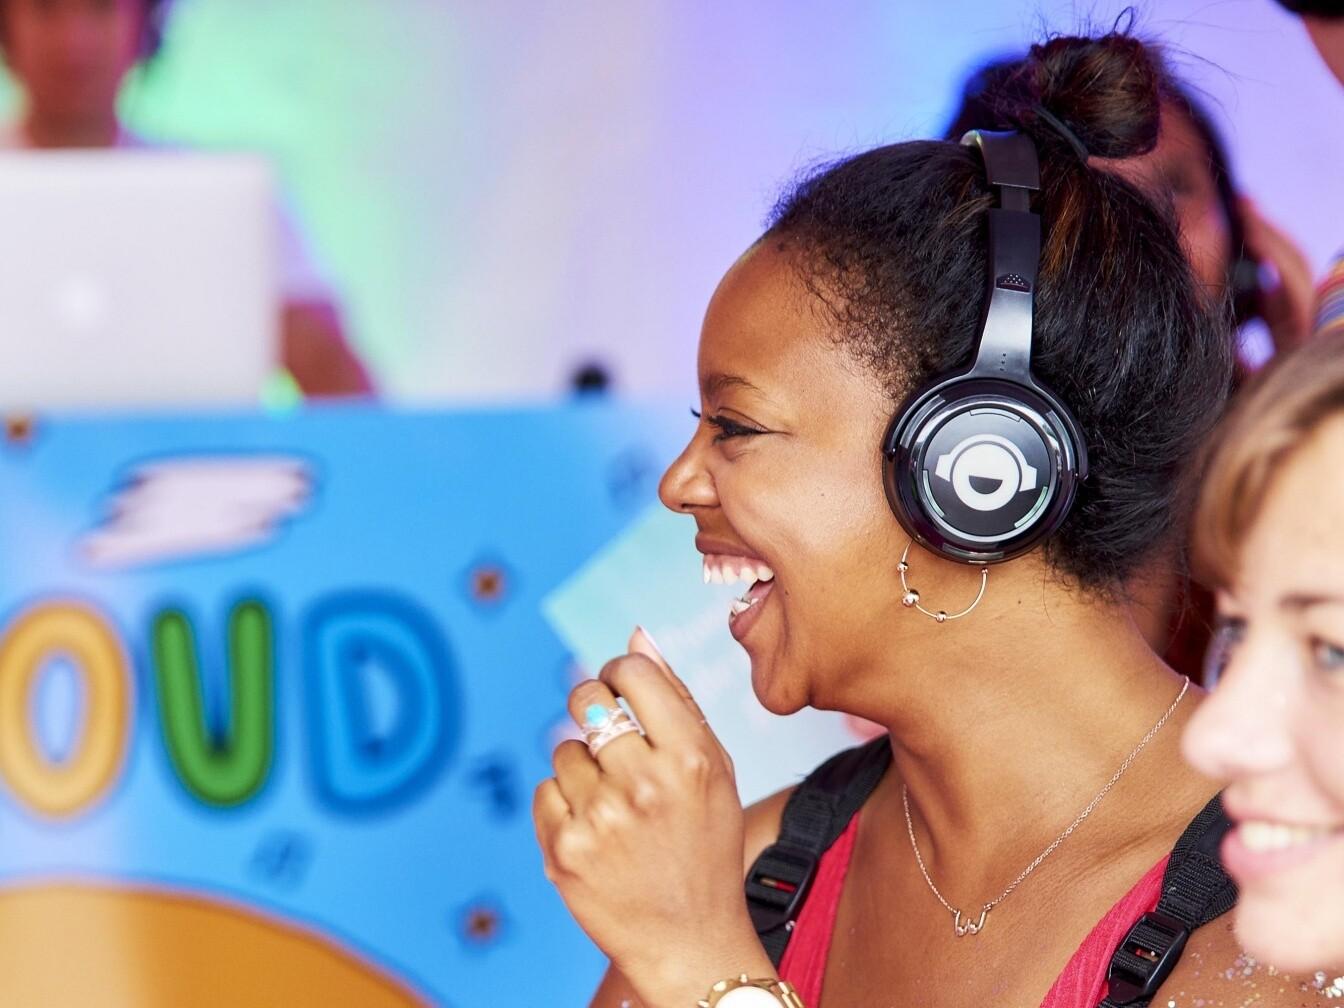 Silent Disco Wireless Headphones Hire